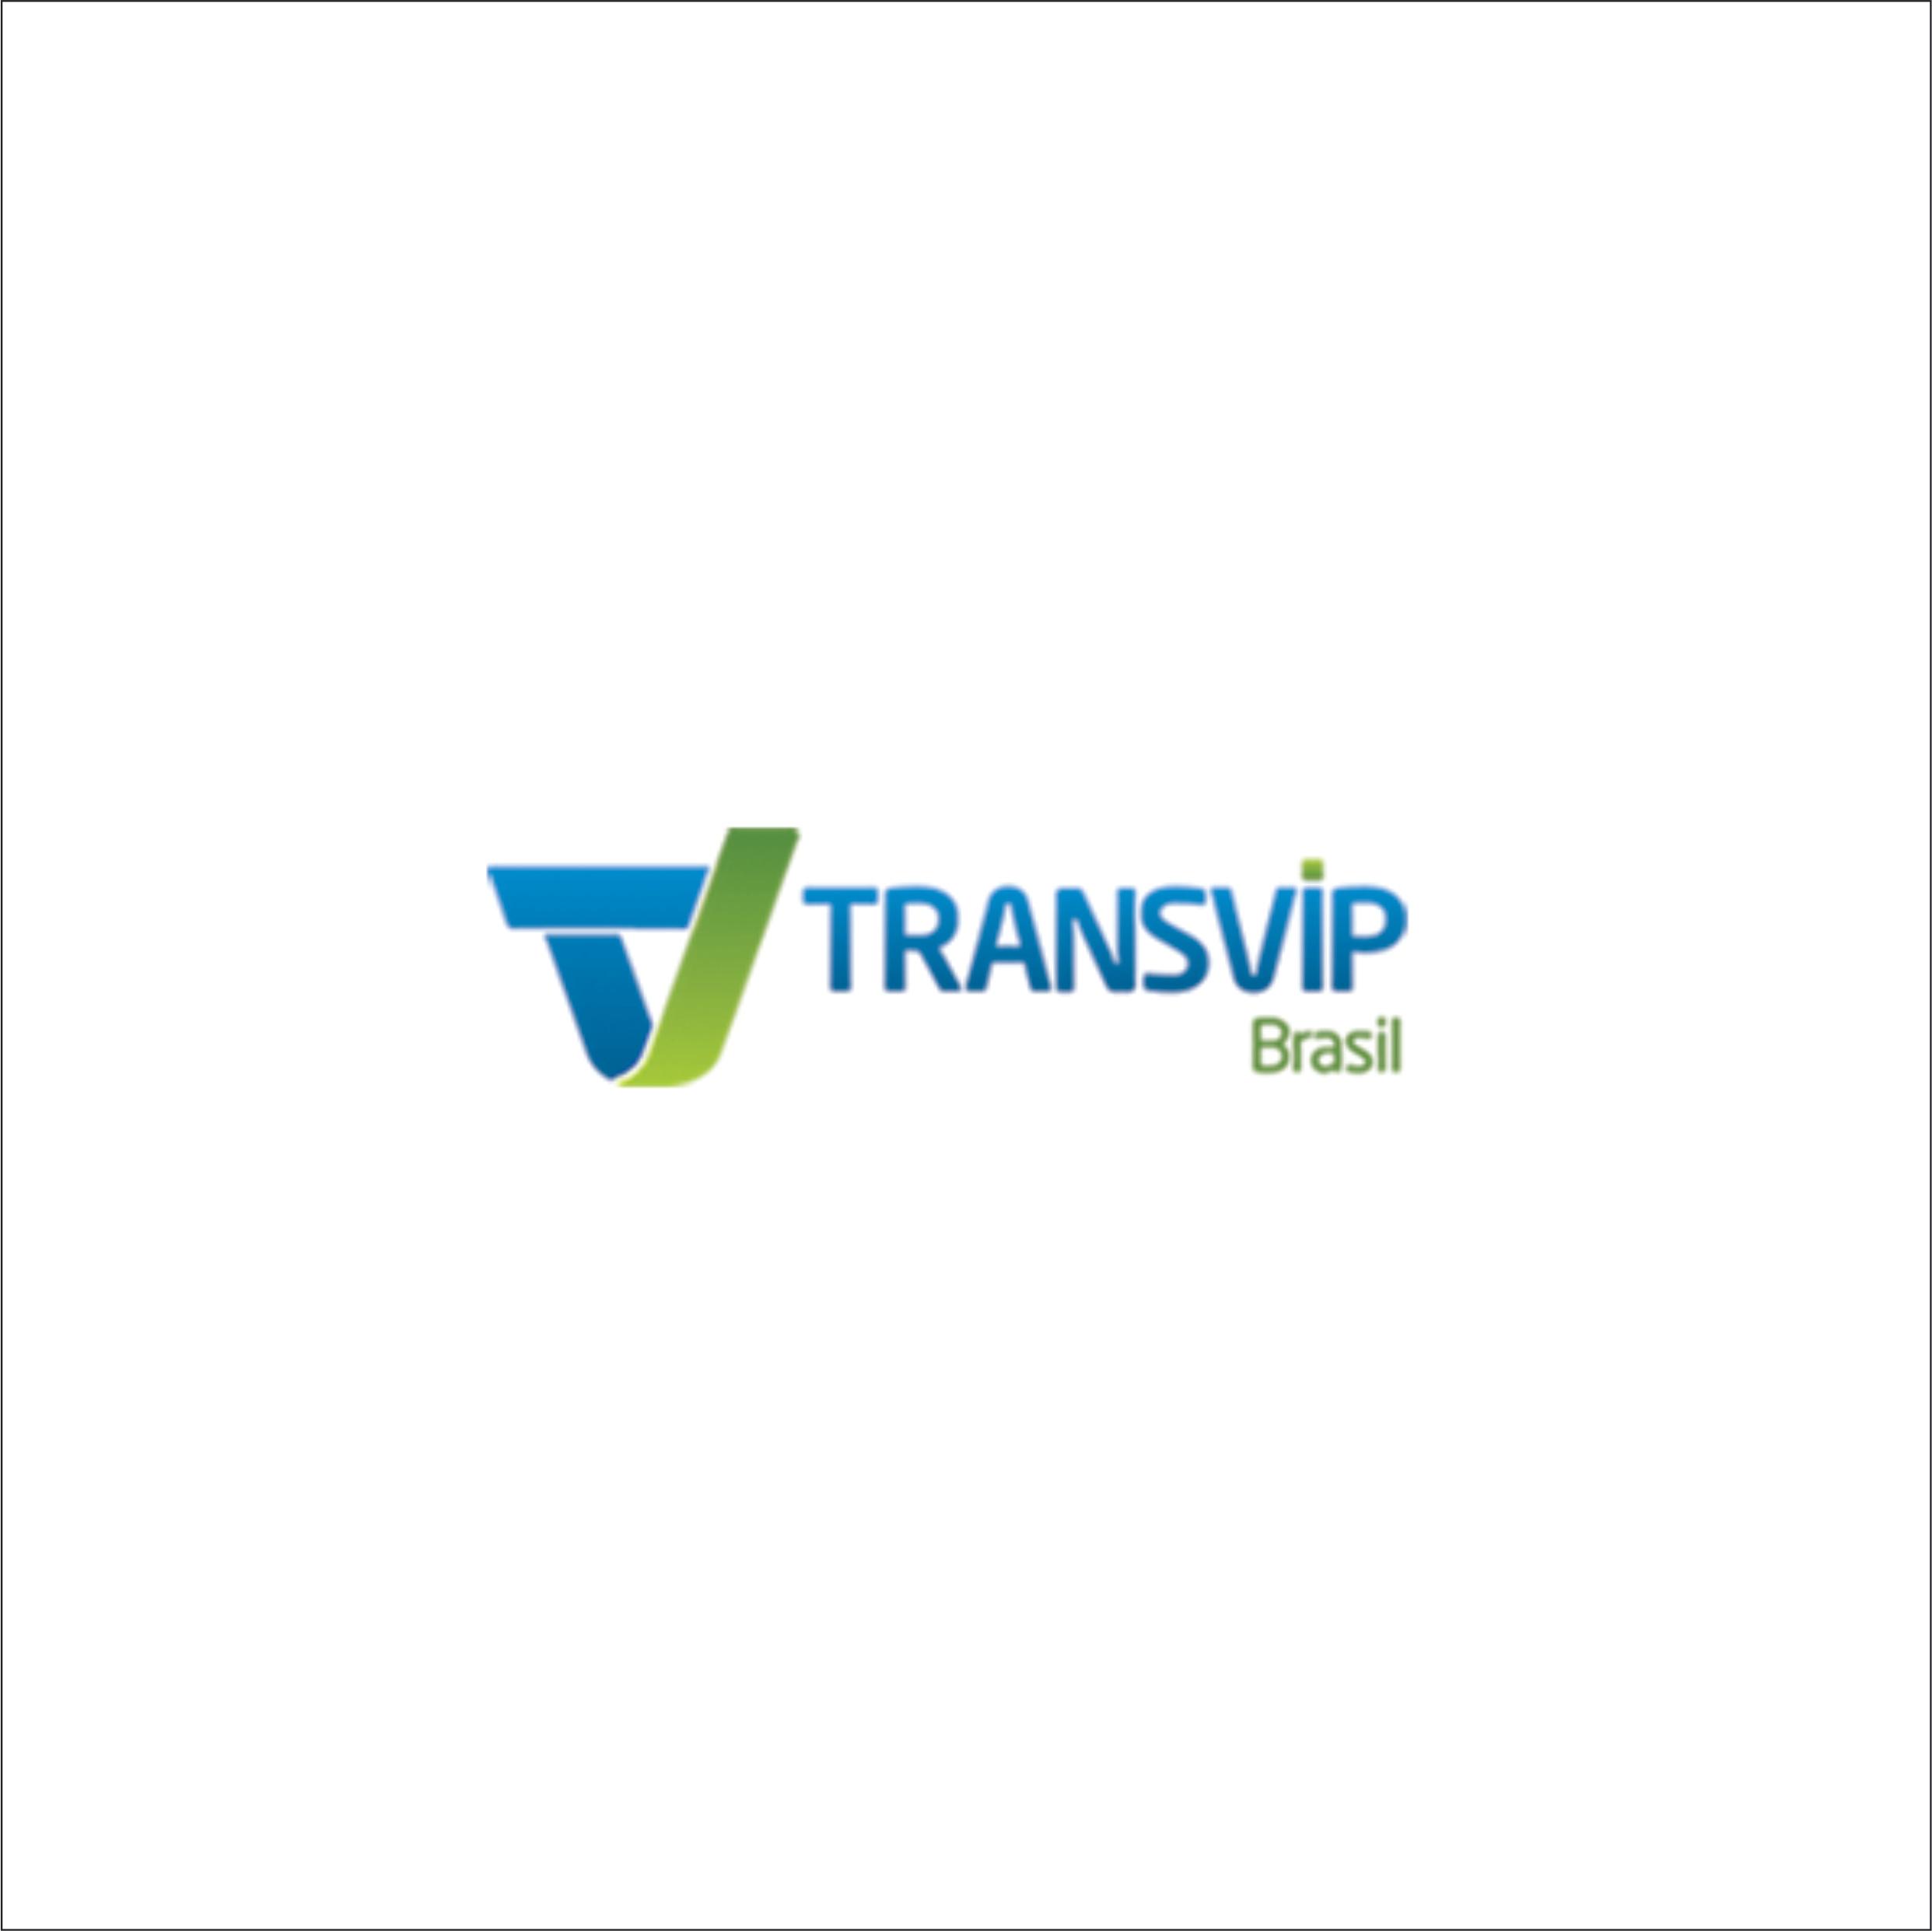 Transvip Transporte de Valores